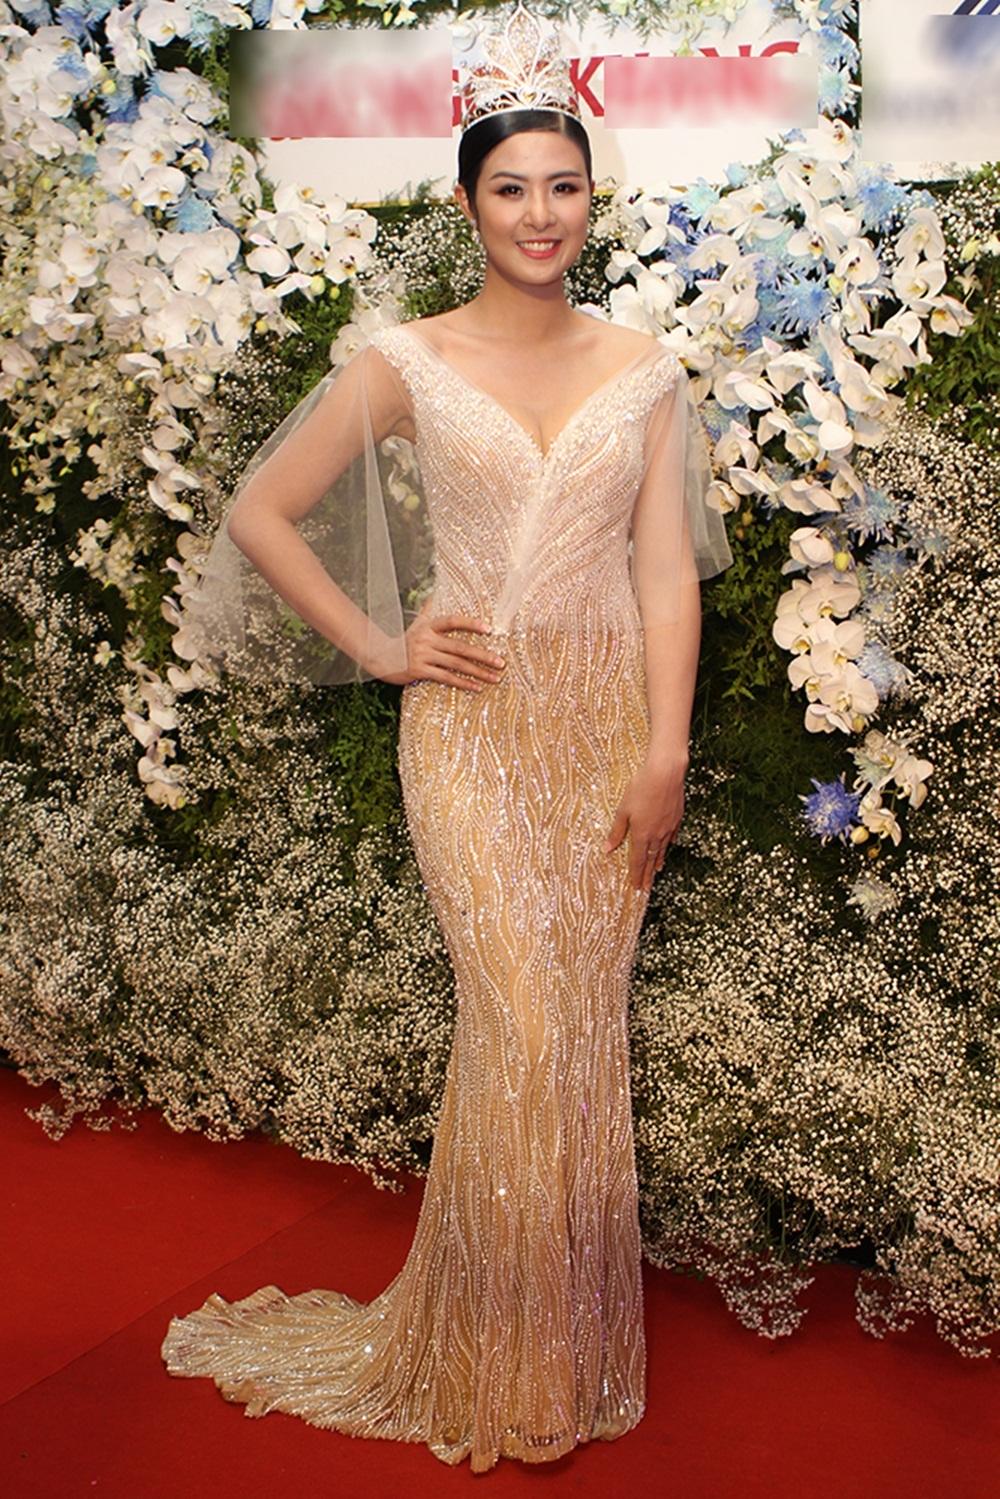 Hoa hậu Ngọc Hân là một trong số những ngôi sao đầu tiên xuất hiện trên thảm đỏ.